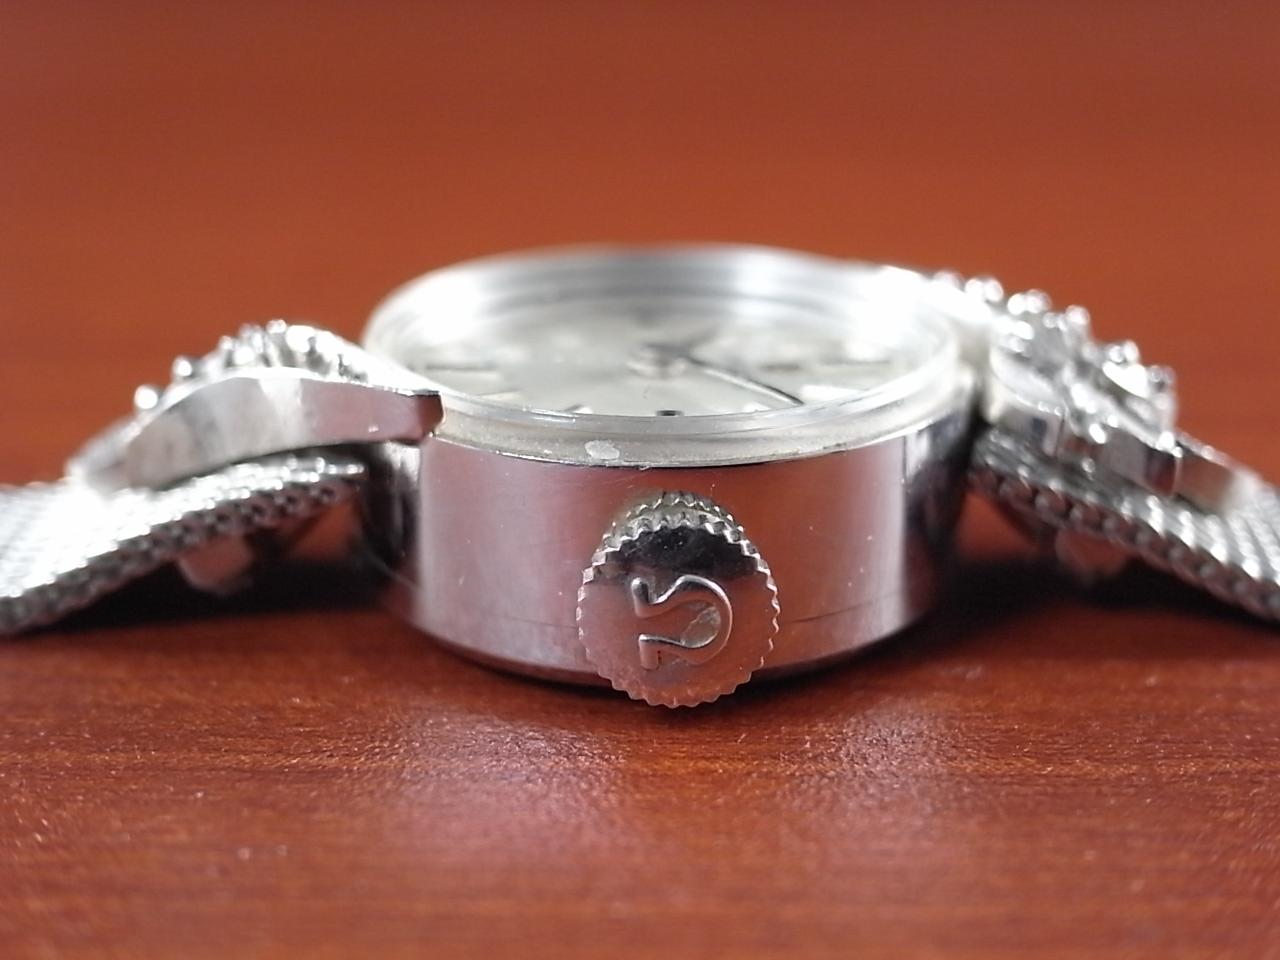 オメガ レディス 金無垢 14KWG ダイヤモンド GFメッシュブレスの写真3枚目